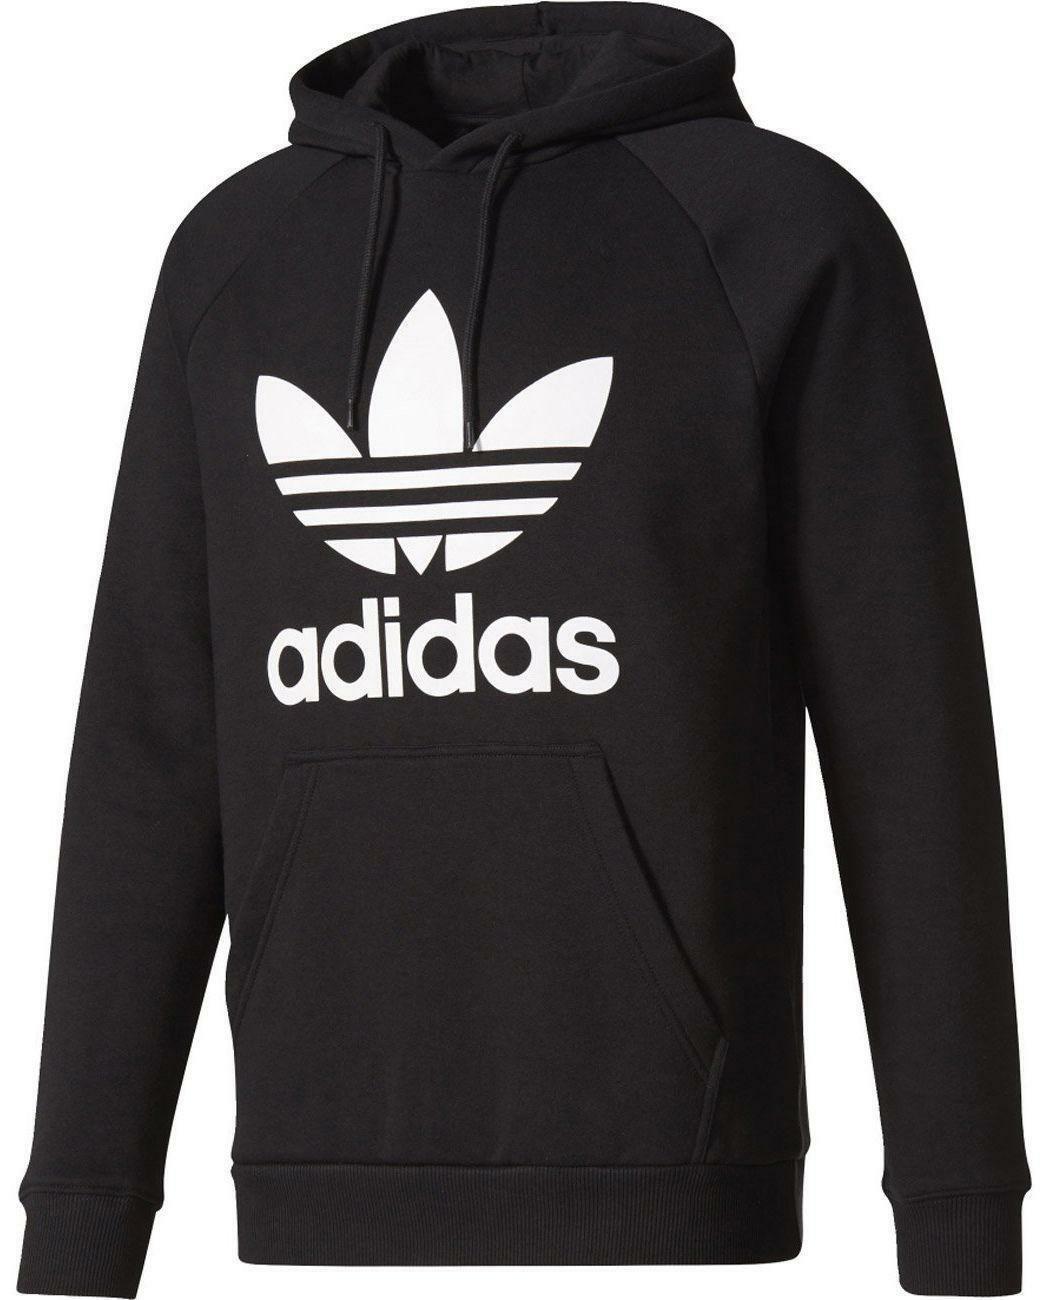 adidas adidas trefoil hoody felpa uomo cappuccio nera br4852